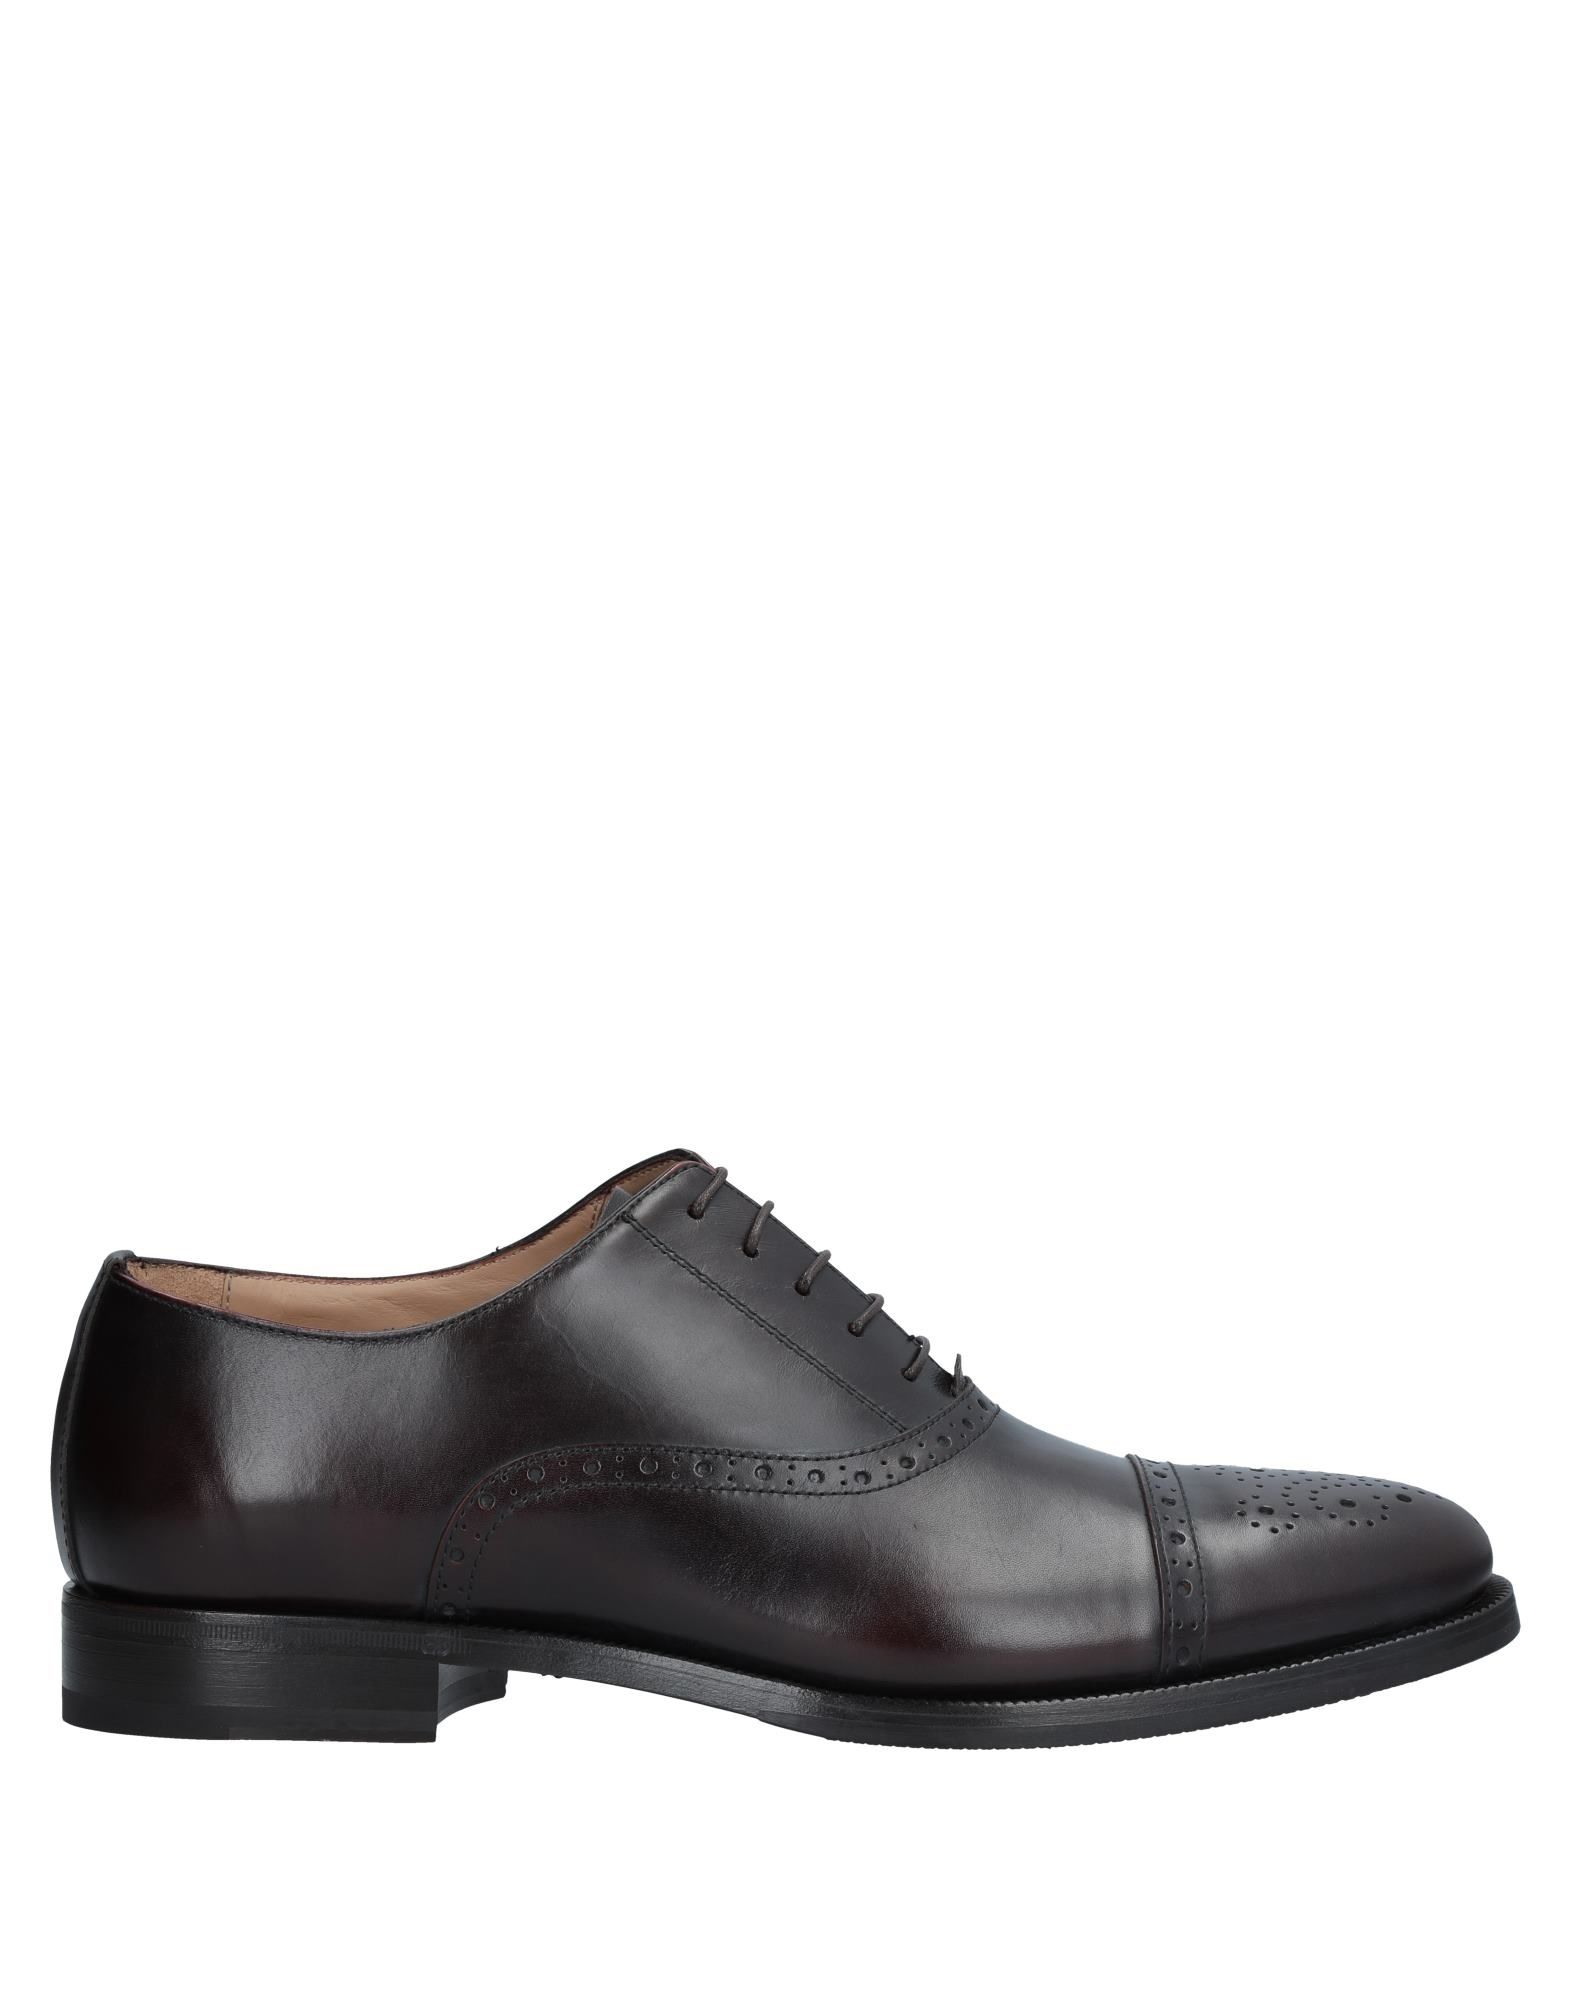 Fabi Schnürschuhe Herren  11543246DT Gute Qualität beliebte Schuhe